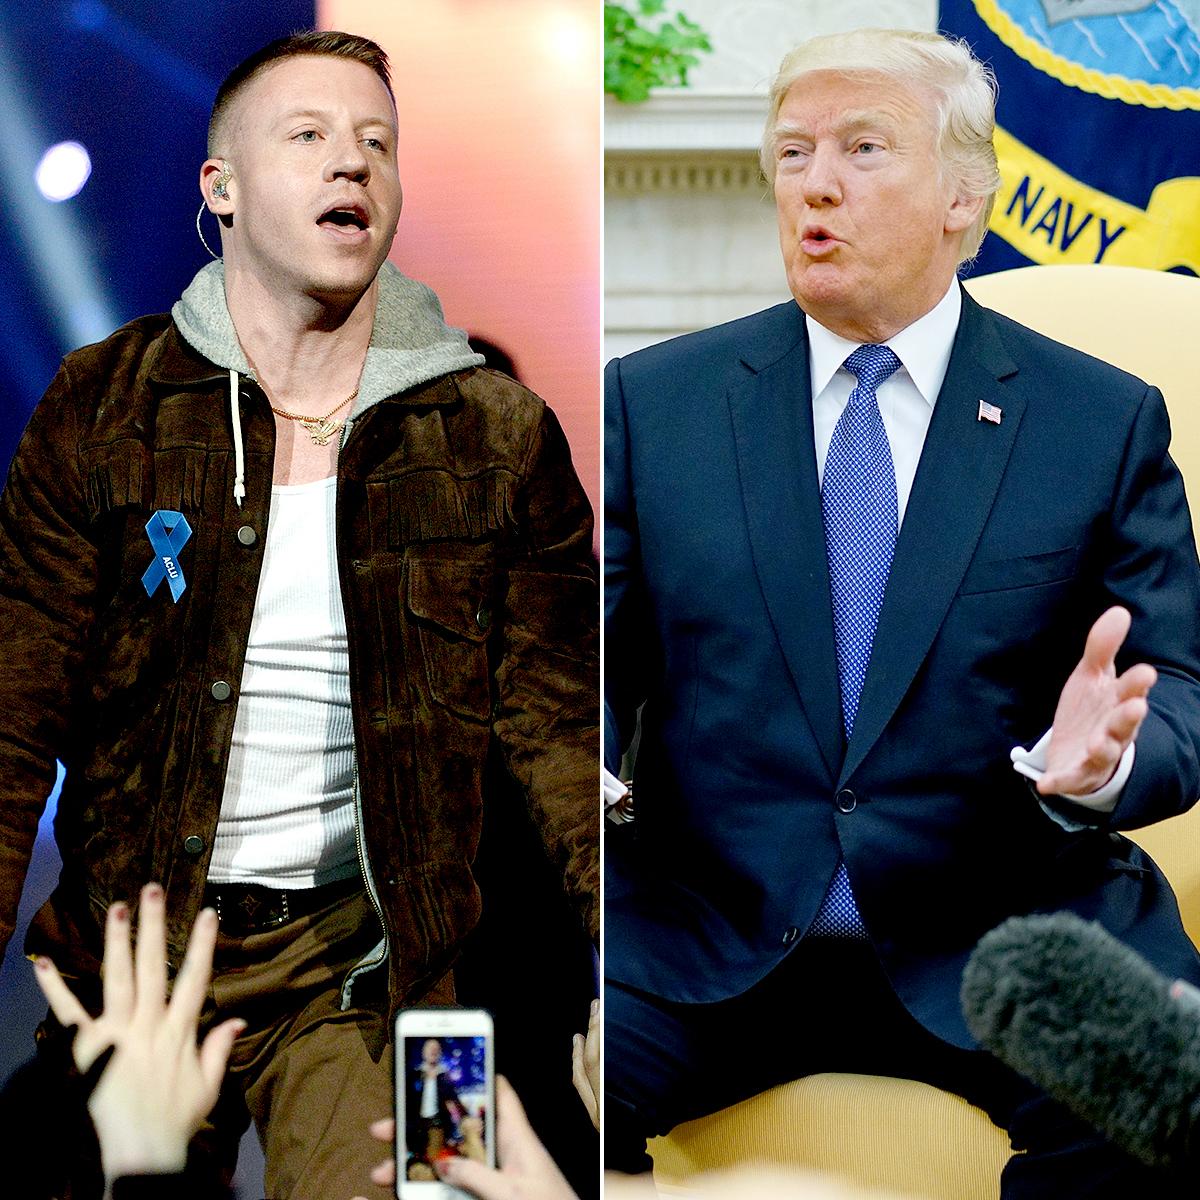 Macklemore and Donald Trump